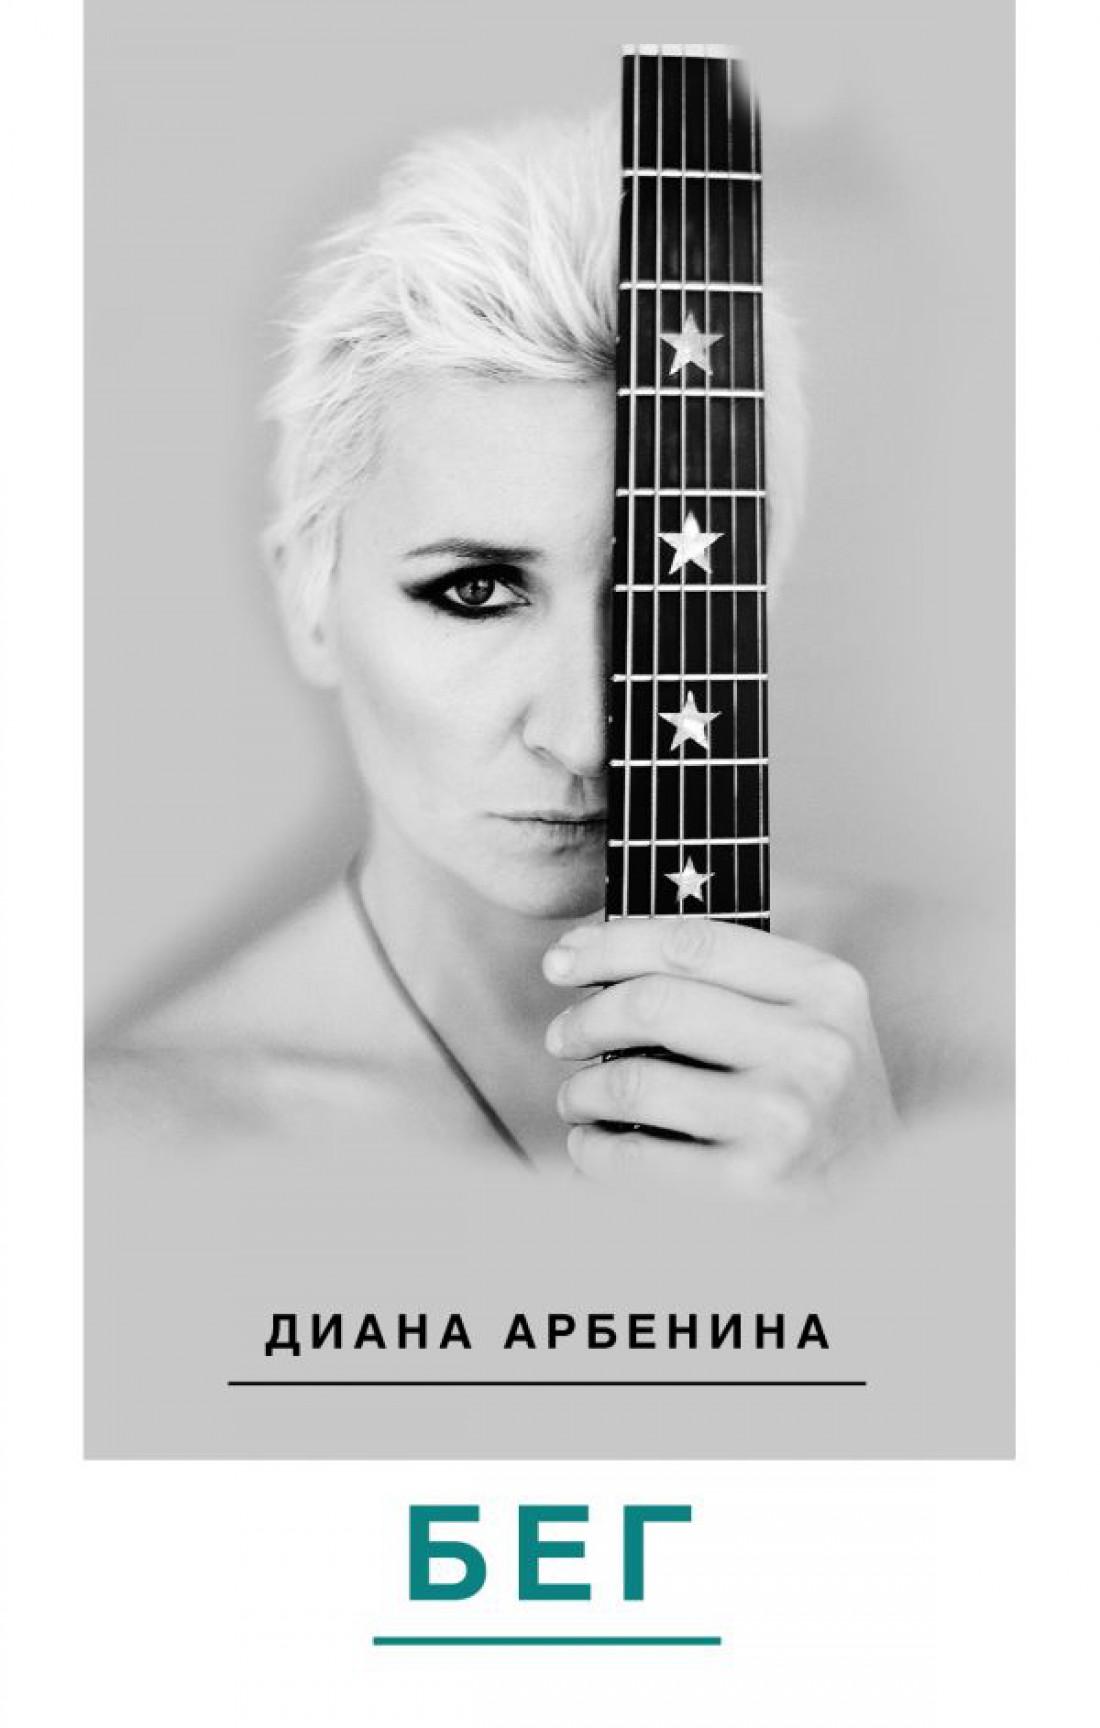 Книга Дианы Арбениной – Бег